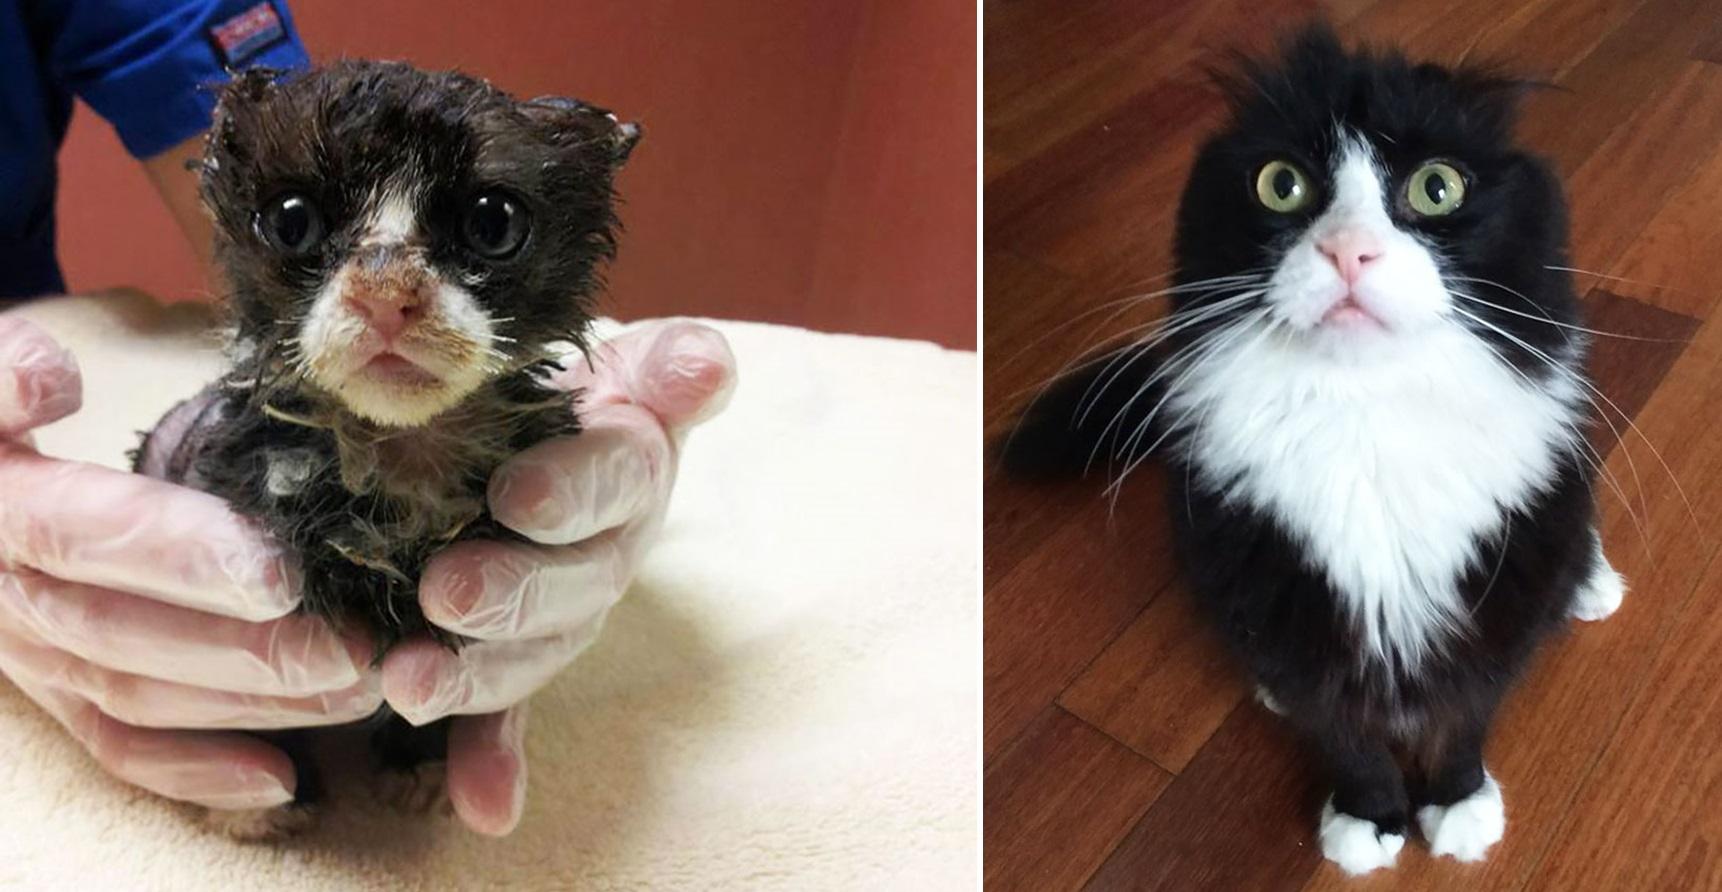 32 תמונות מרגשות של חתולים לפני ואחרי שאימצו אותם